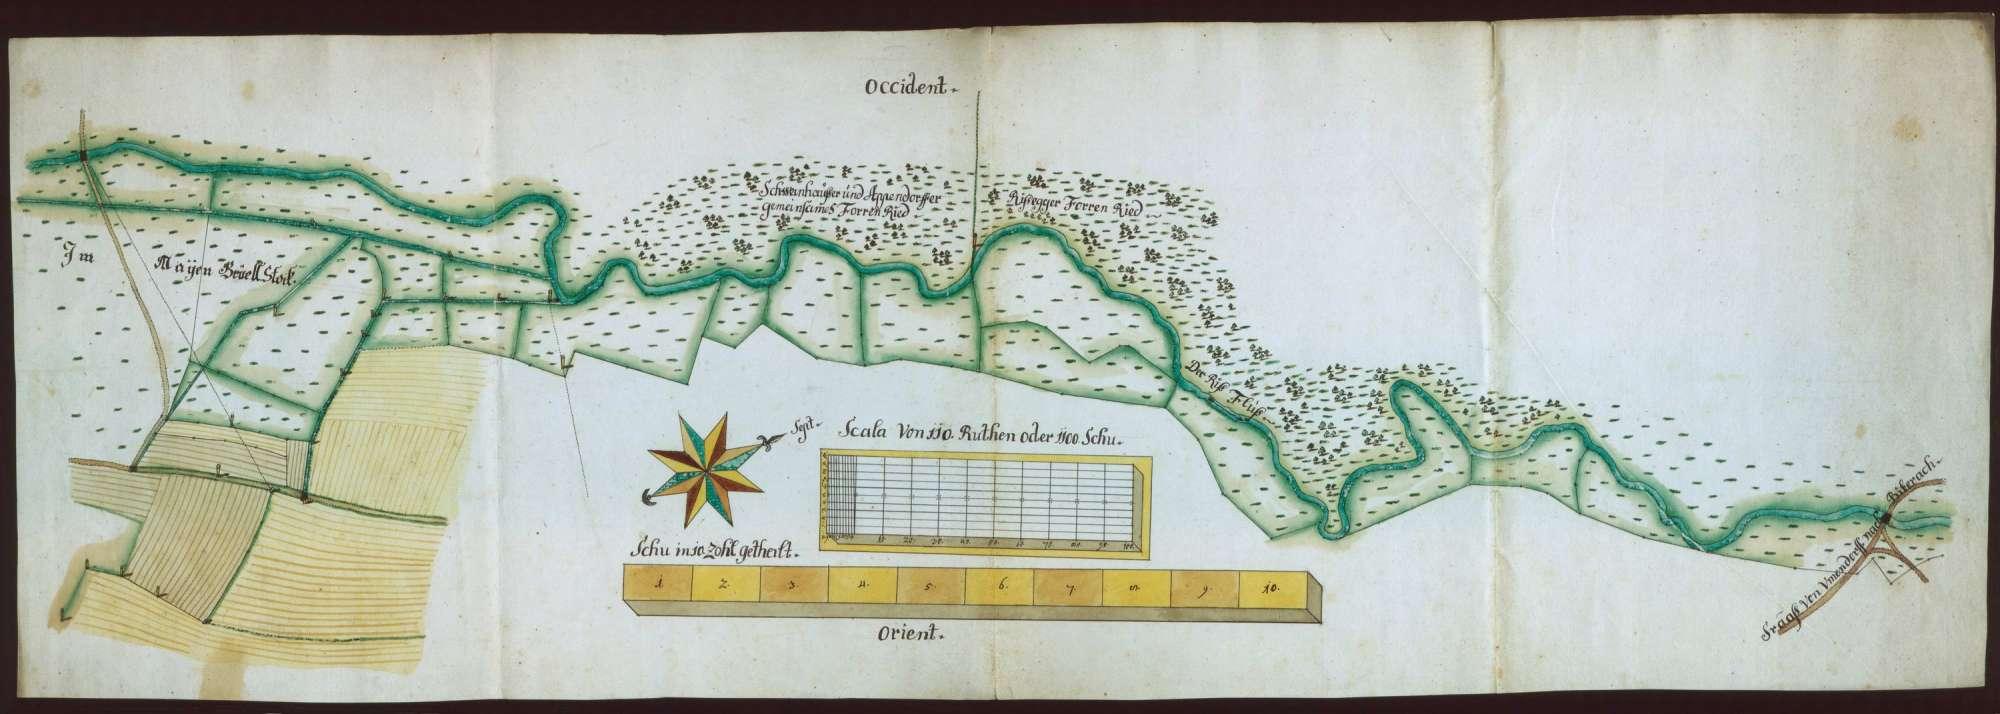 [Rißegg, Biberach an der Riß, BC: Plan des Rißflusses von der Straßenbrücke nach Ummendorf bis zum Maienbrühlstock], Bild 1